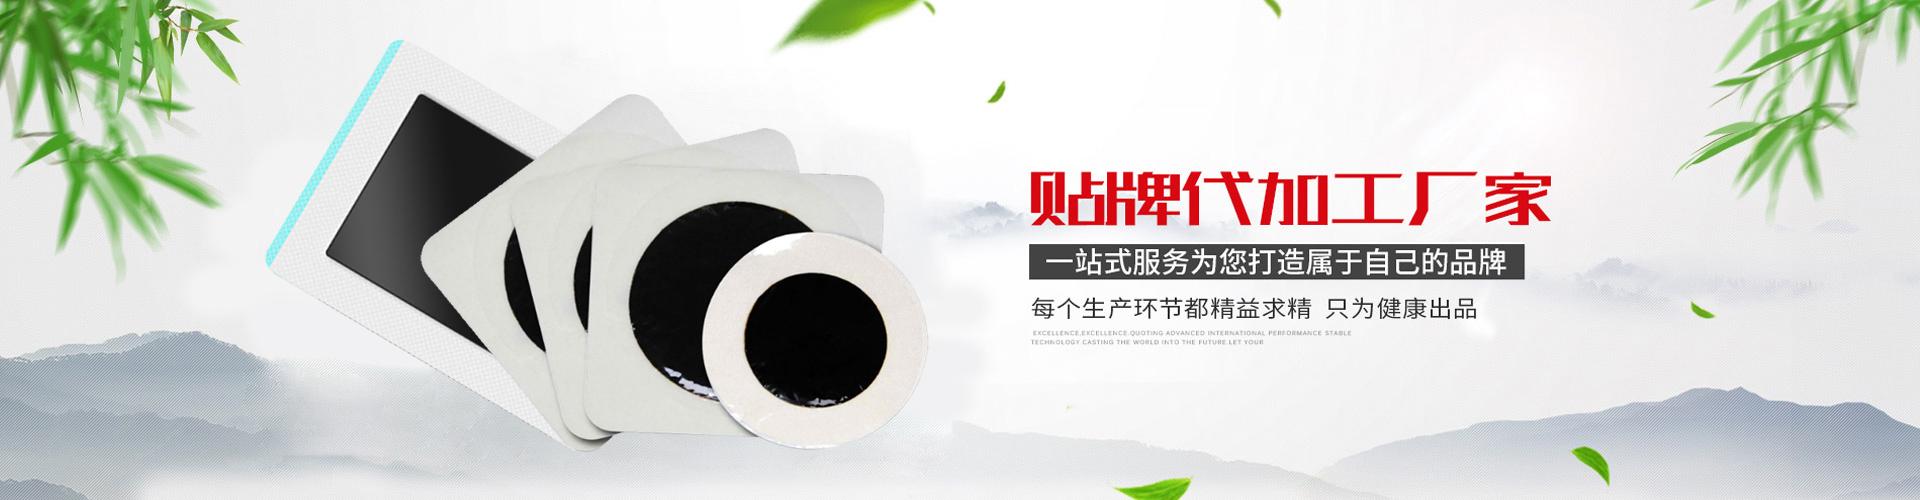 湖北宁录药业有限公司